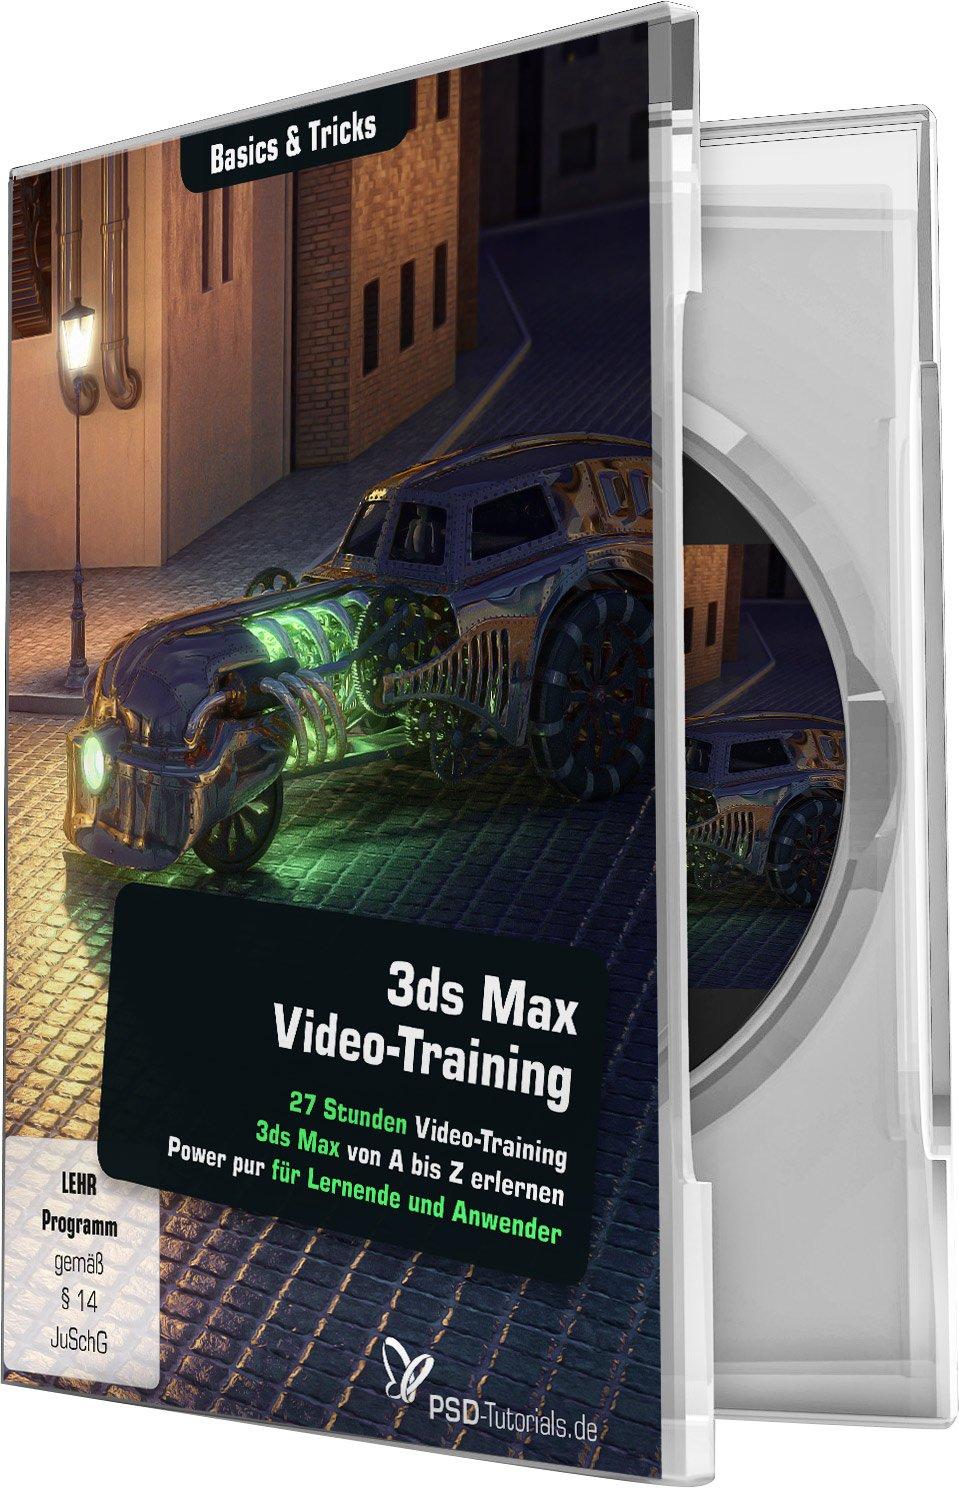 3ds Max Video-Training - Basics & Tricks: Der große Einstieg für den großen Aufstieg!